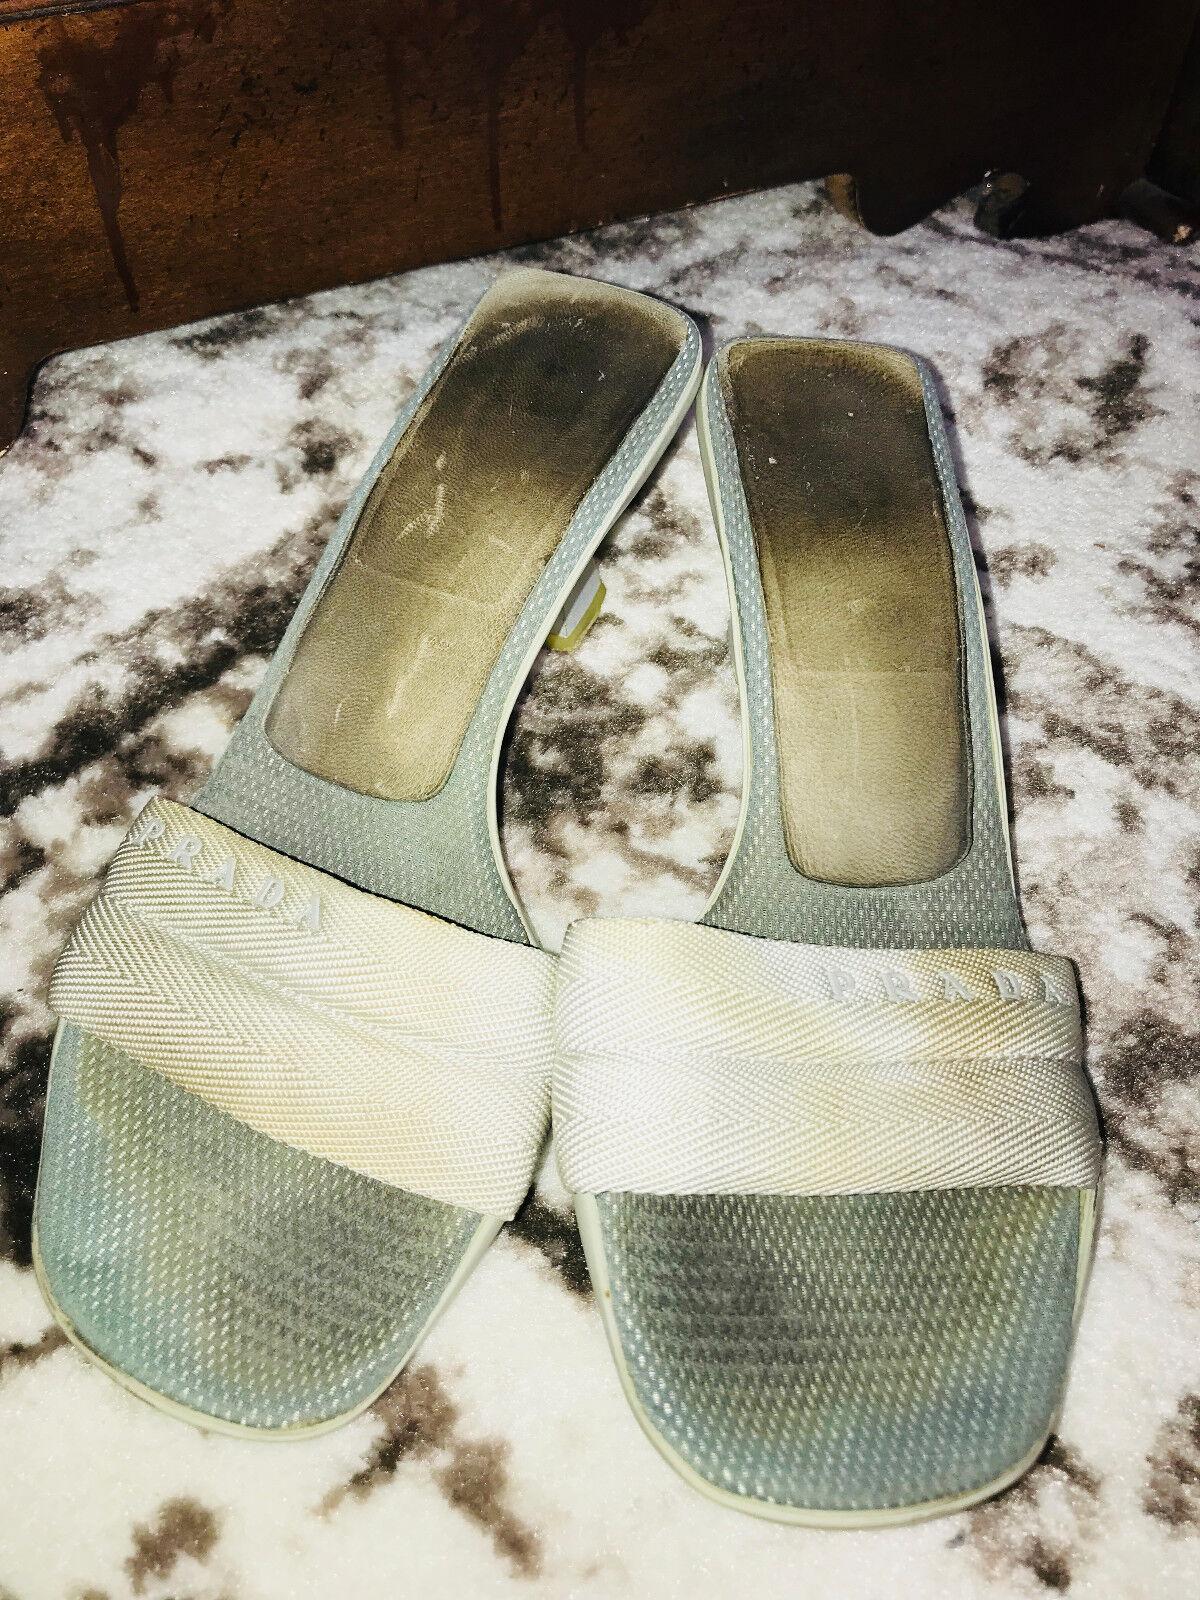 Auténtico Bolso Vintage Prada gris gris gris Sandalias Zapatos Bombas Tacones - 39.5 US 9 -  595  bajo precio del 40%